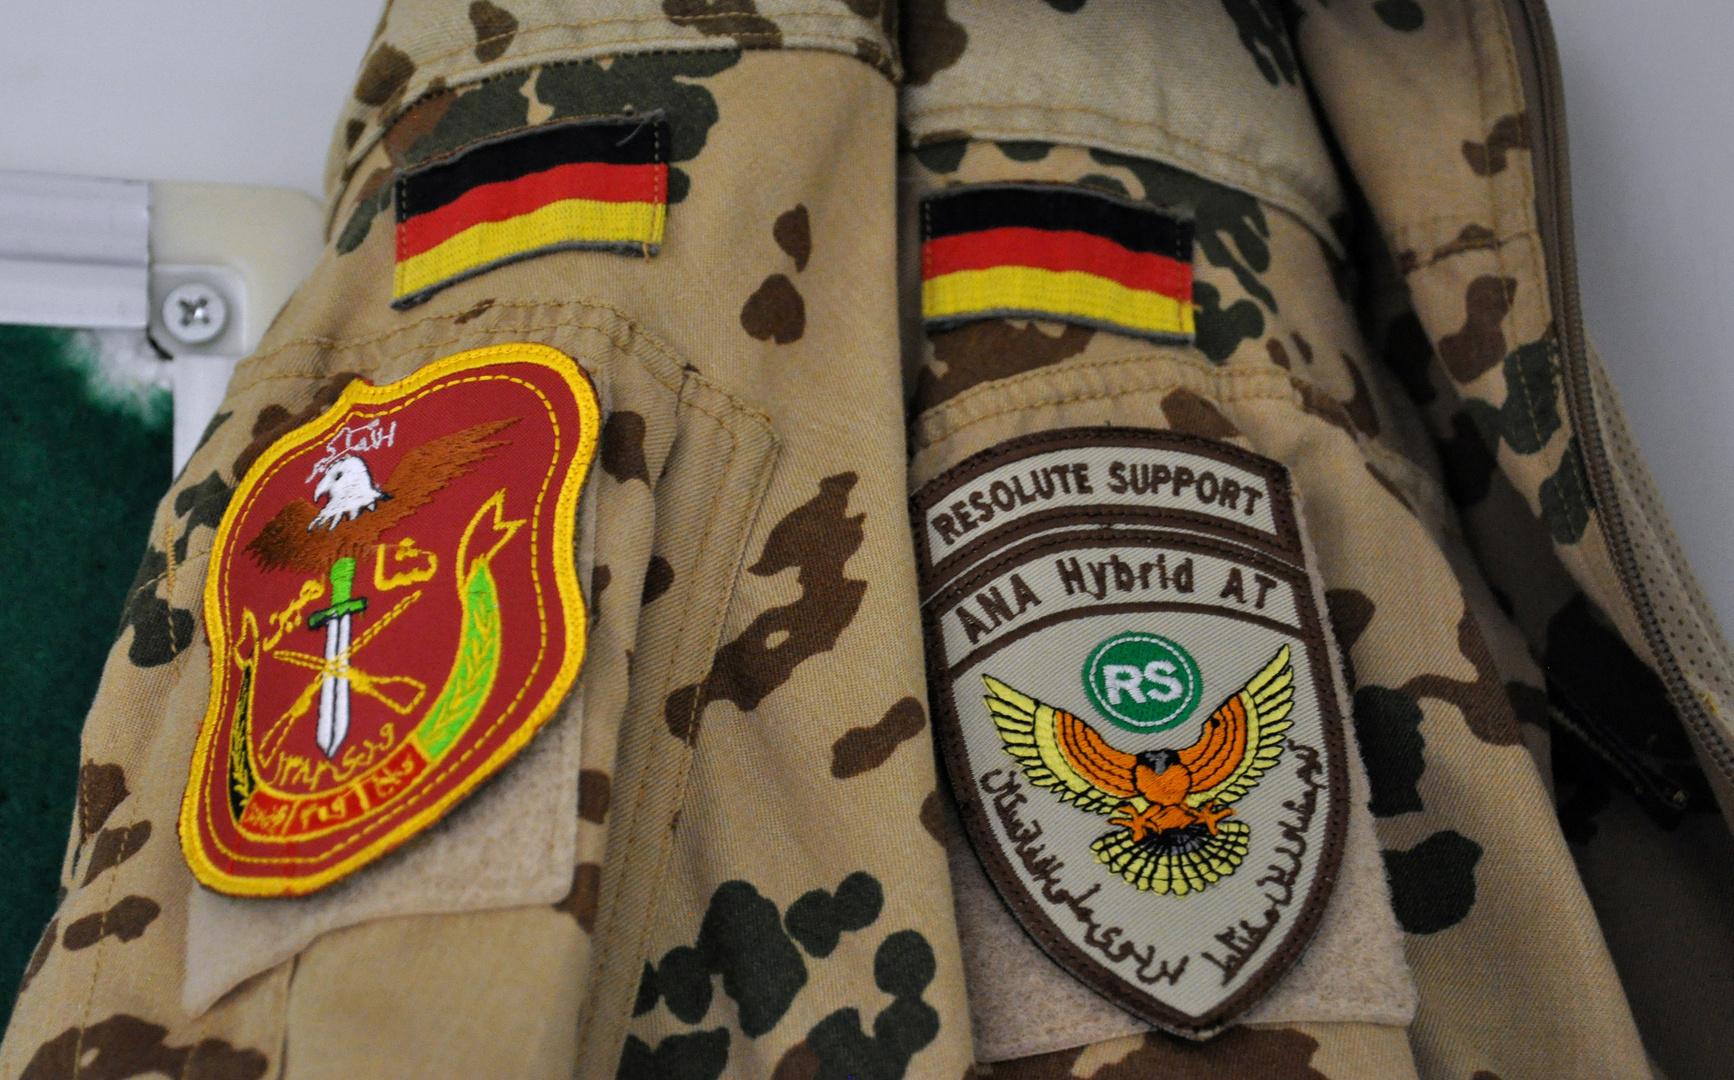 ألمانيا توافق على تمديد مهمة قواتها في أفغانستان لـ10 أشهر